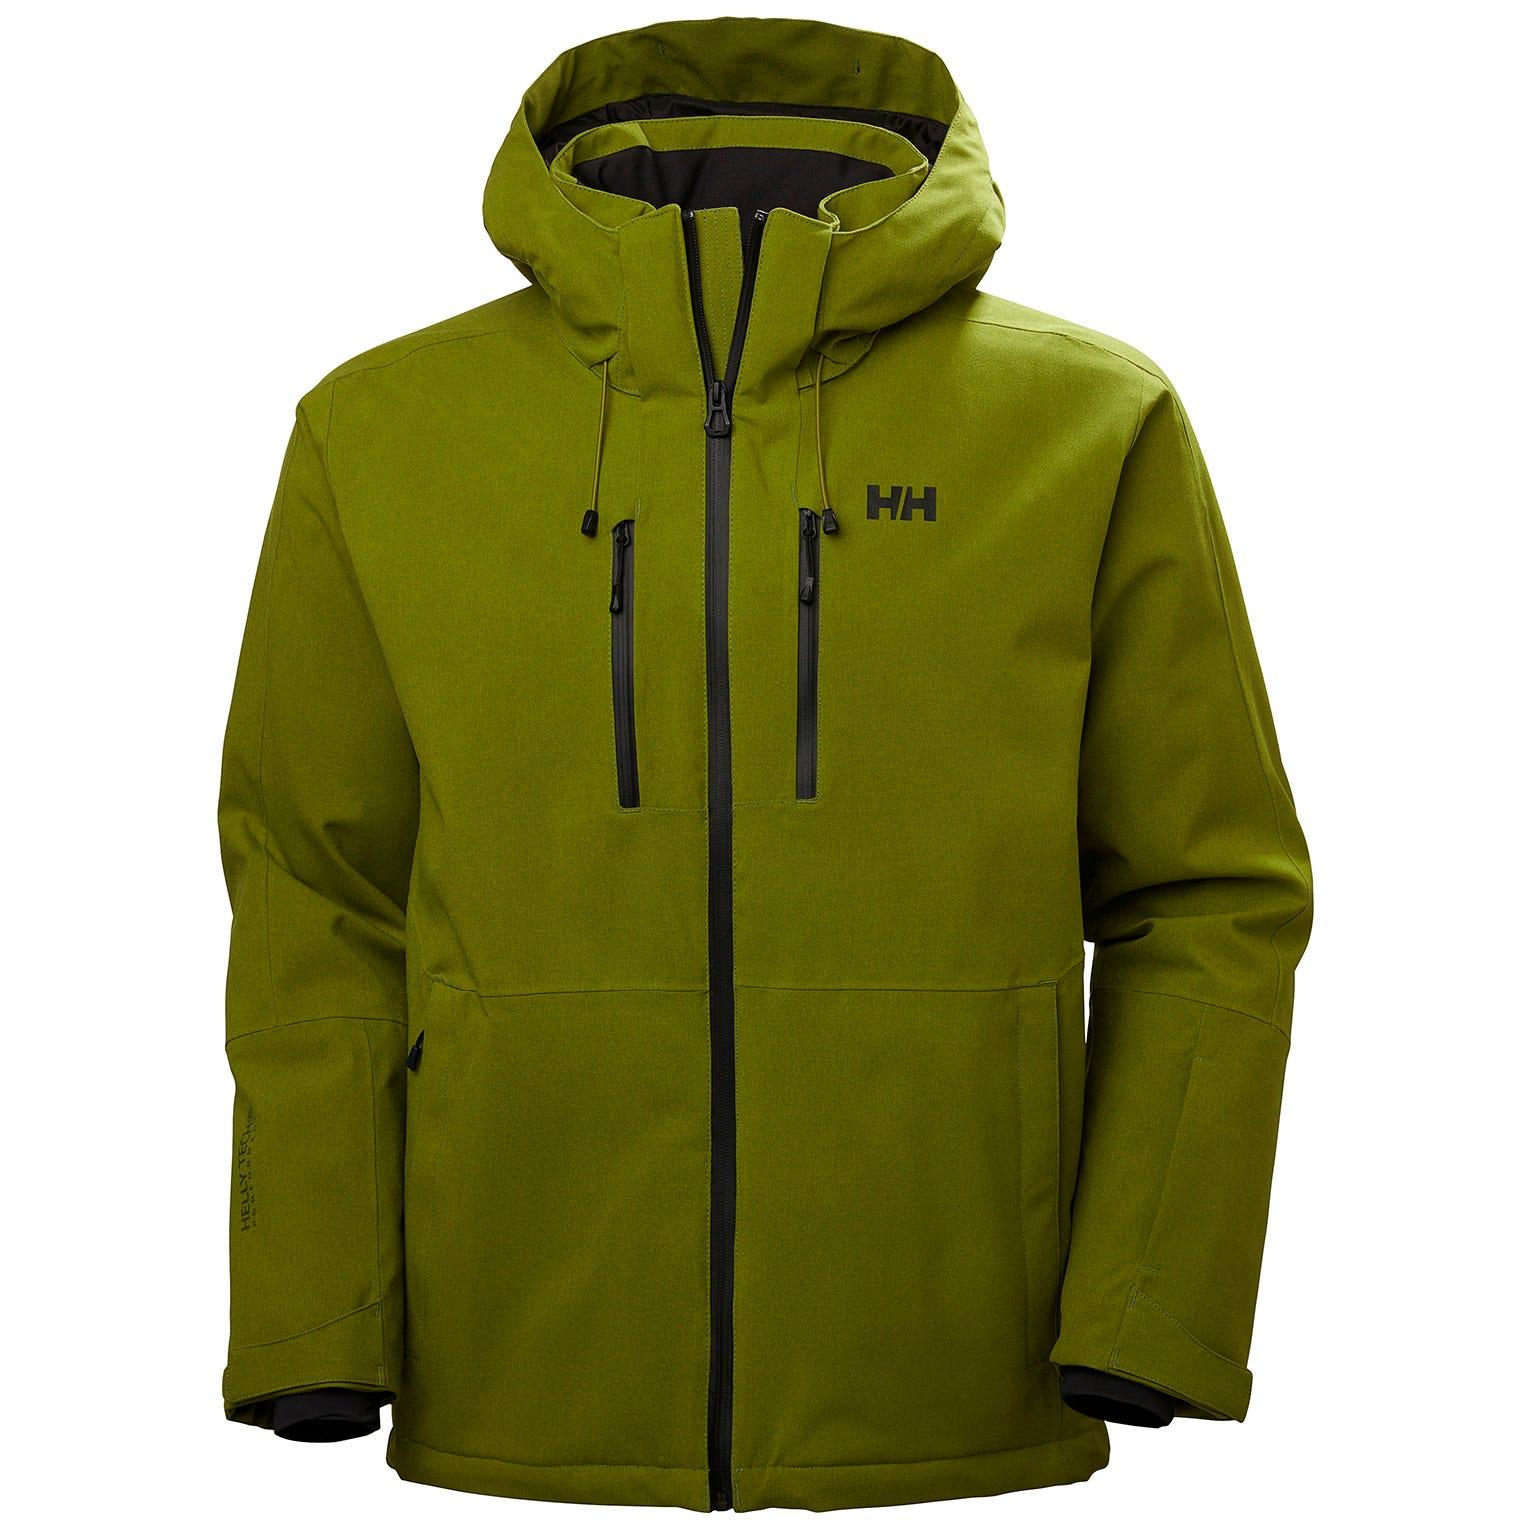 Helly Hansen Juniper 3.0 Jacket Mens Yellow M